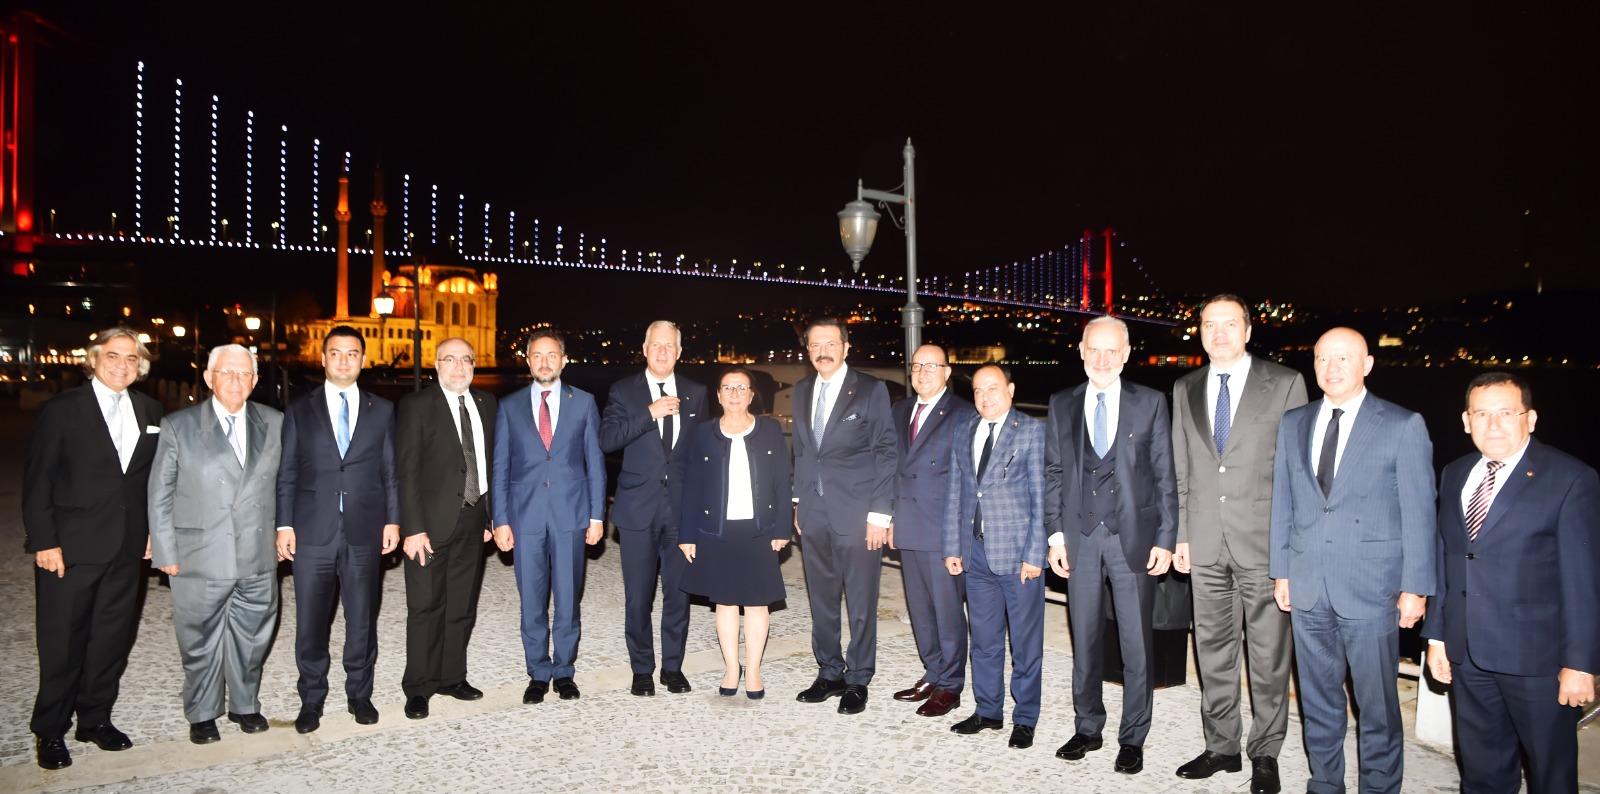 Milletlerarası Ticaret Odası (ICC) Türkiye Milli Komitesi'nden: Ticaret Savaşları, Brexit ve Çok Taraflı Ticaret Sisteminin Geleceği' Toplantısı…